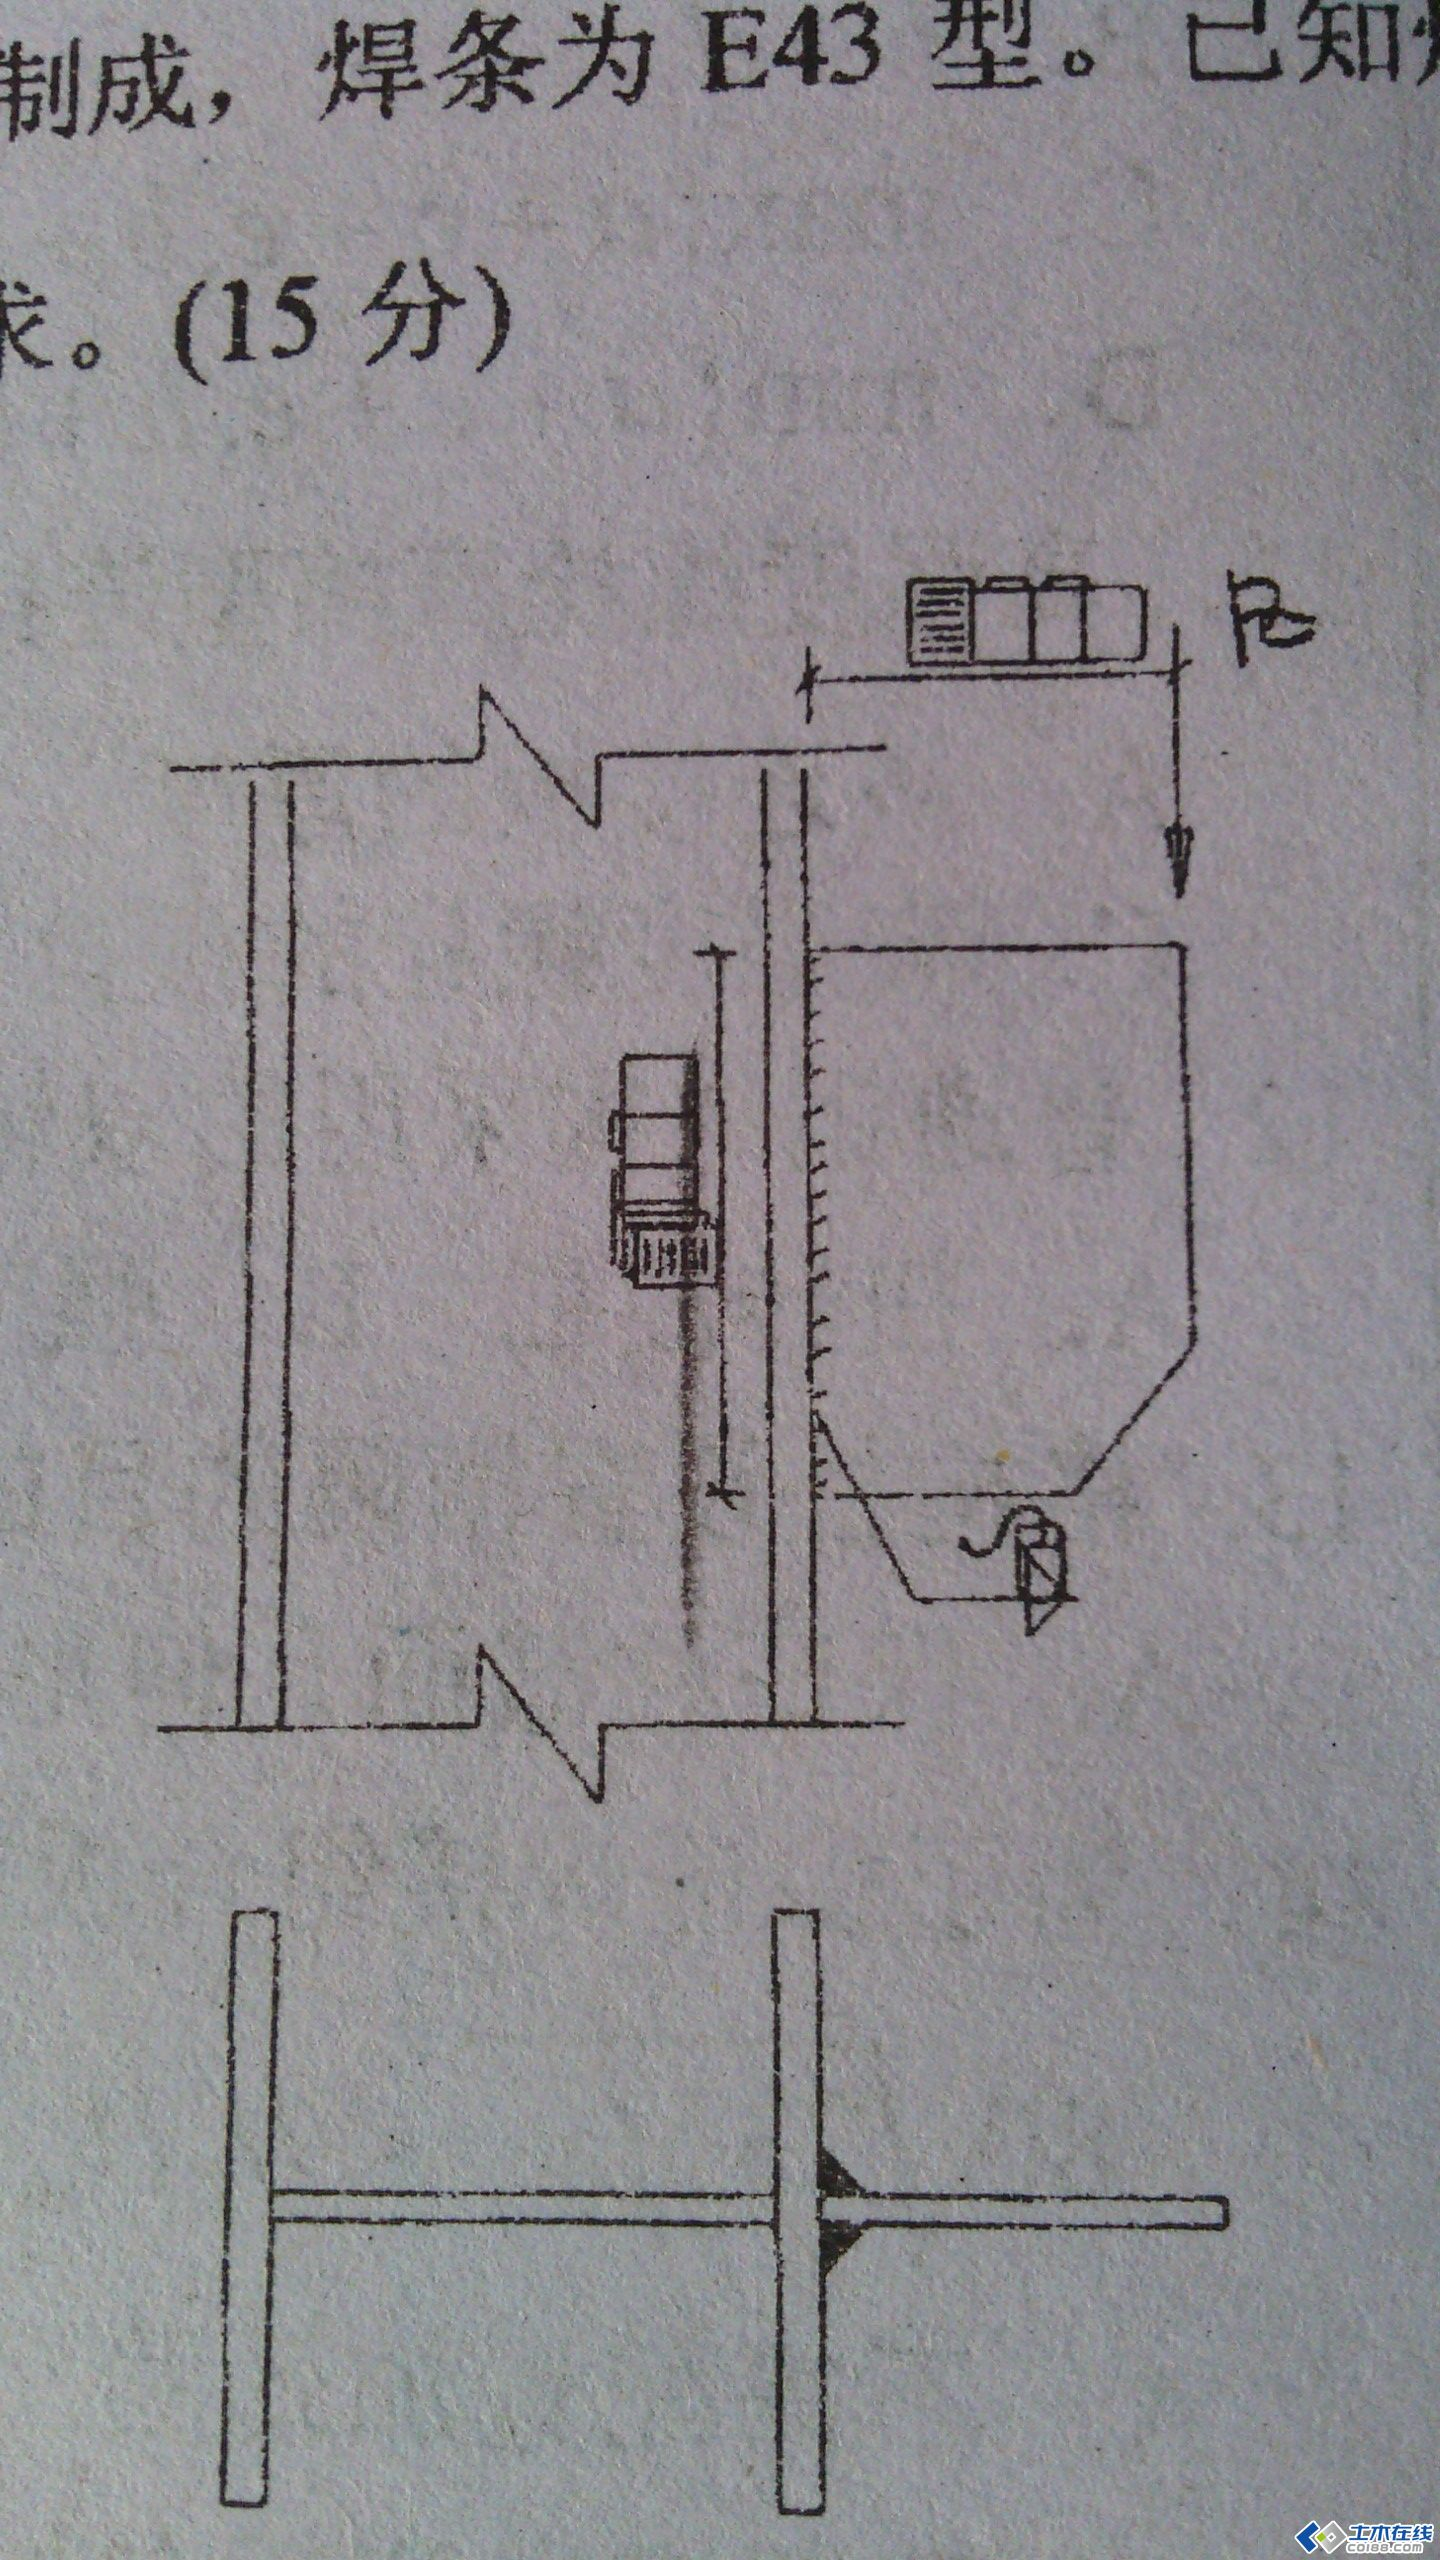 钢结构尺寸标注是什么意思